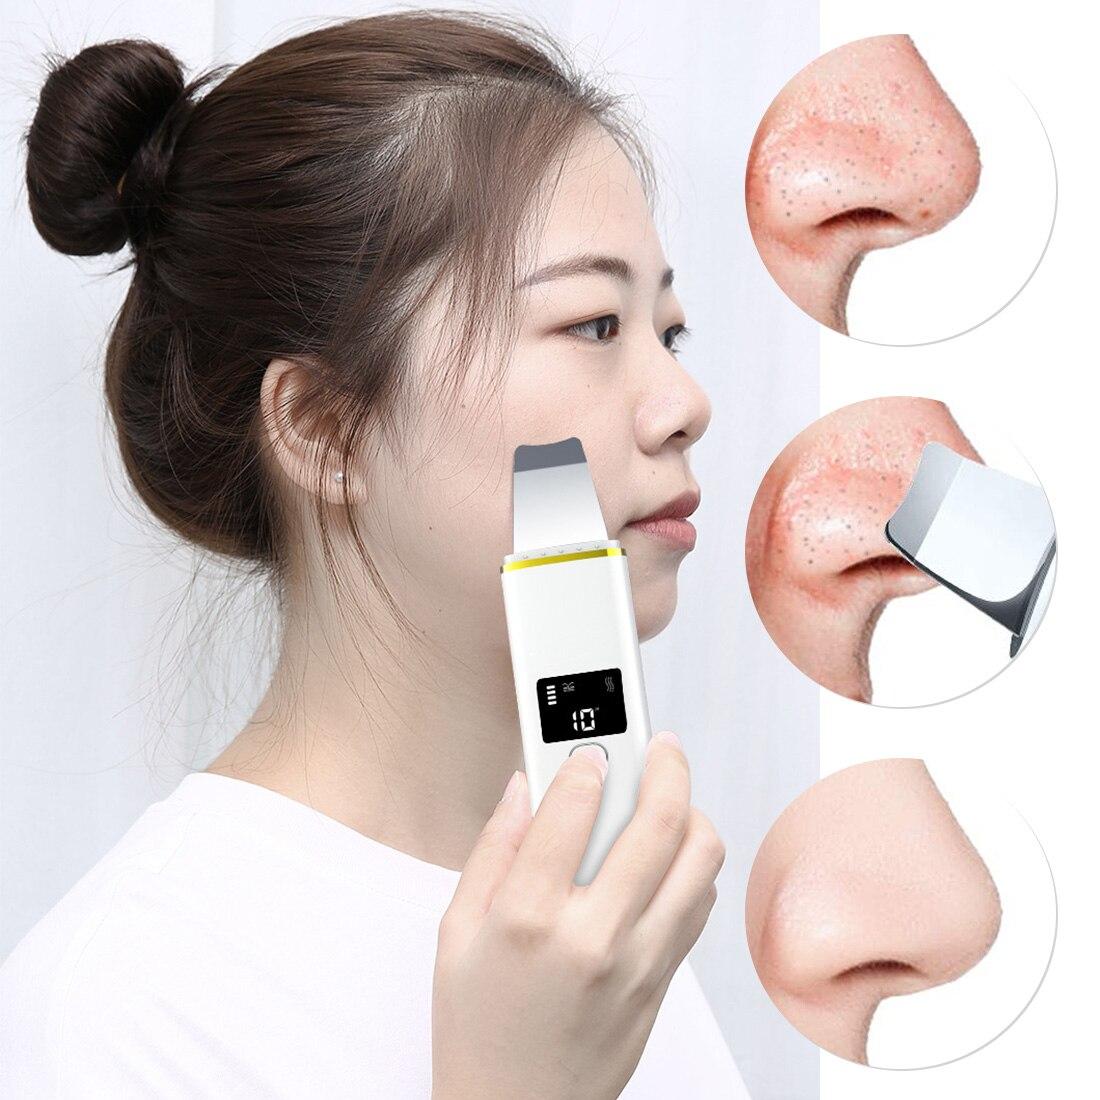 Esfoliador de pele facial, espátula removedora de